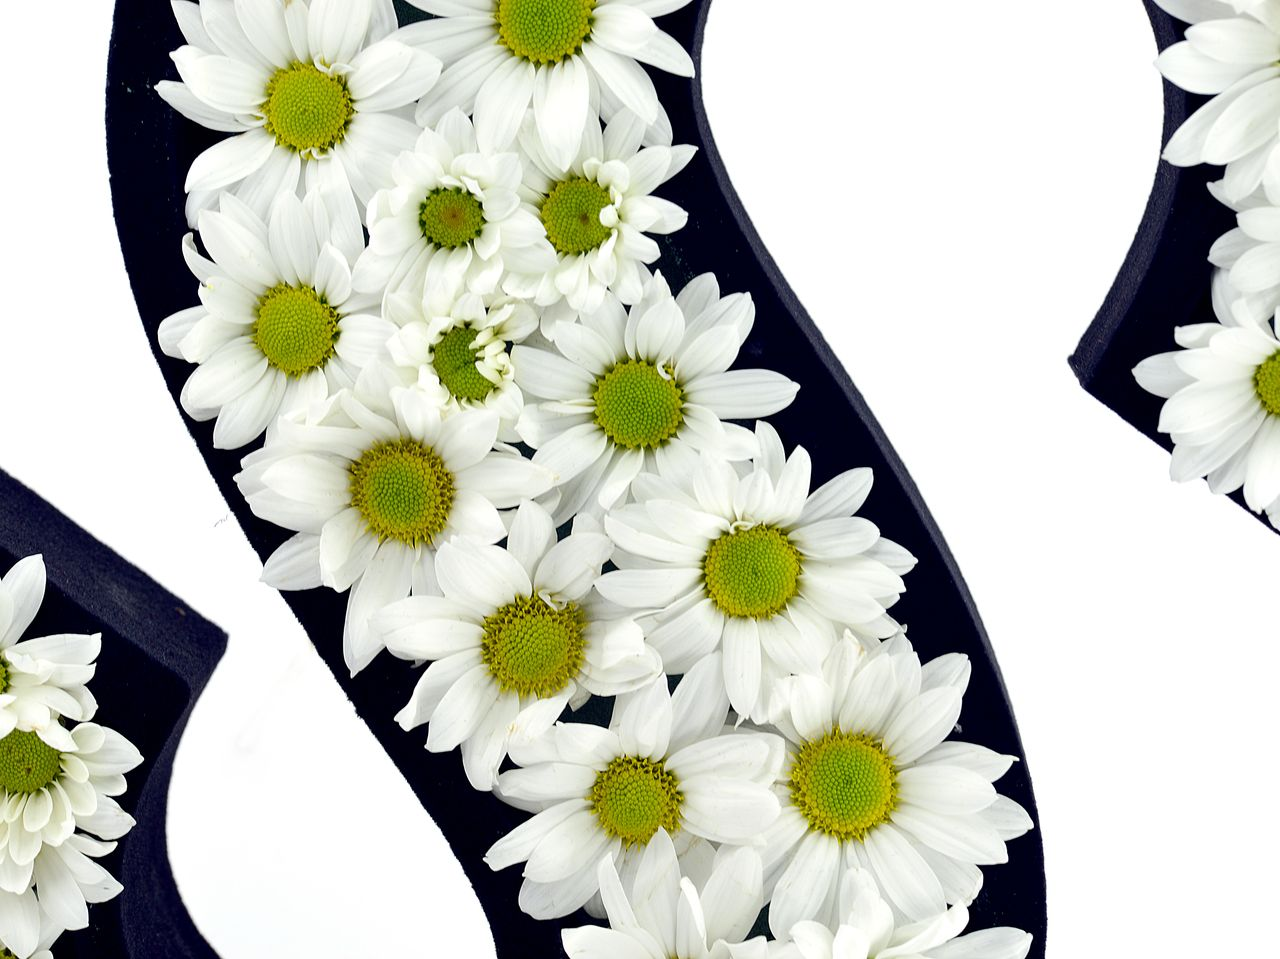 Kişiye Özel İstediğiniz Papatyalardan Baş Harf Harfli Çiçek çiçek gönder